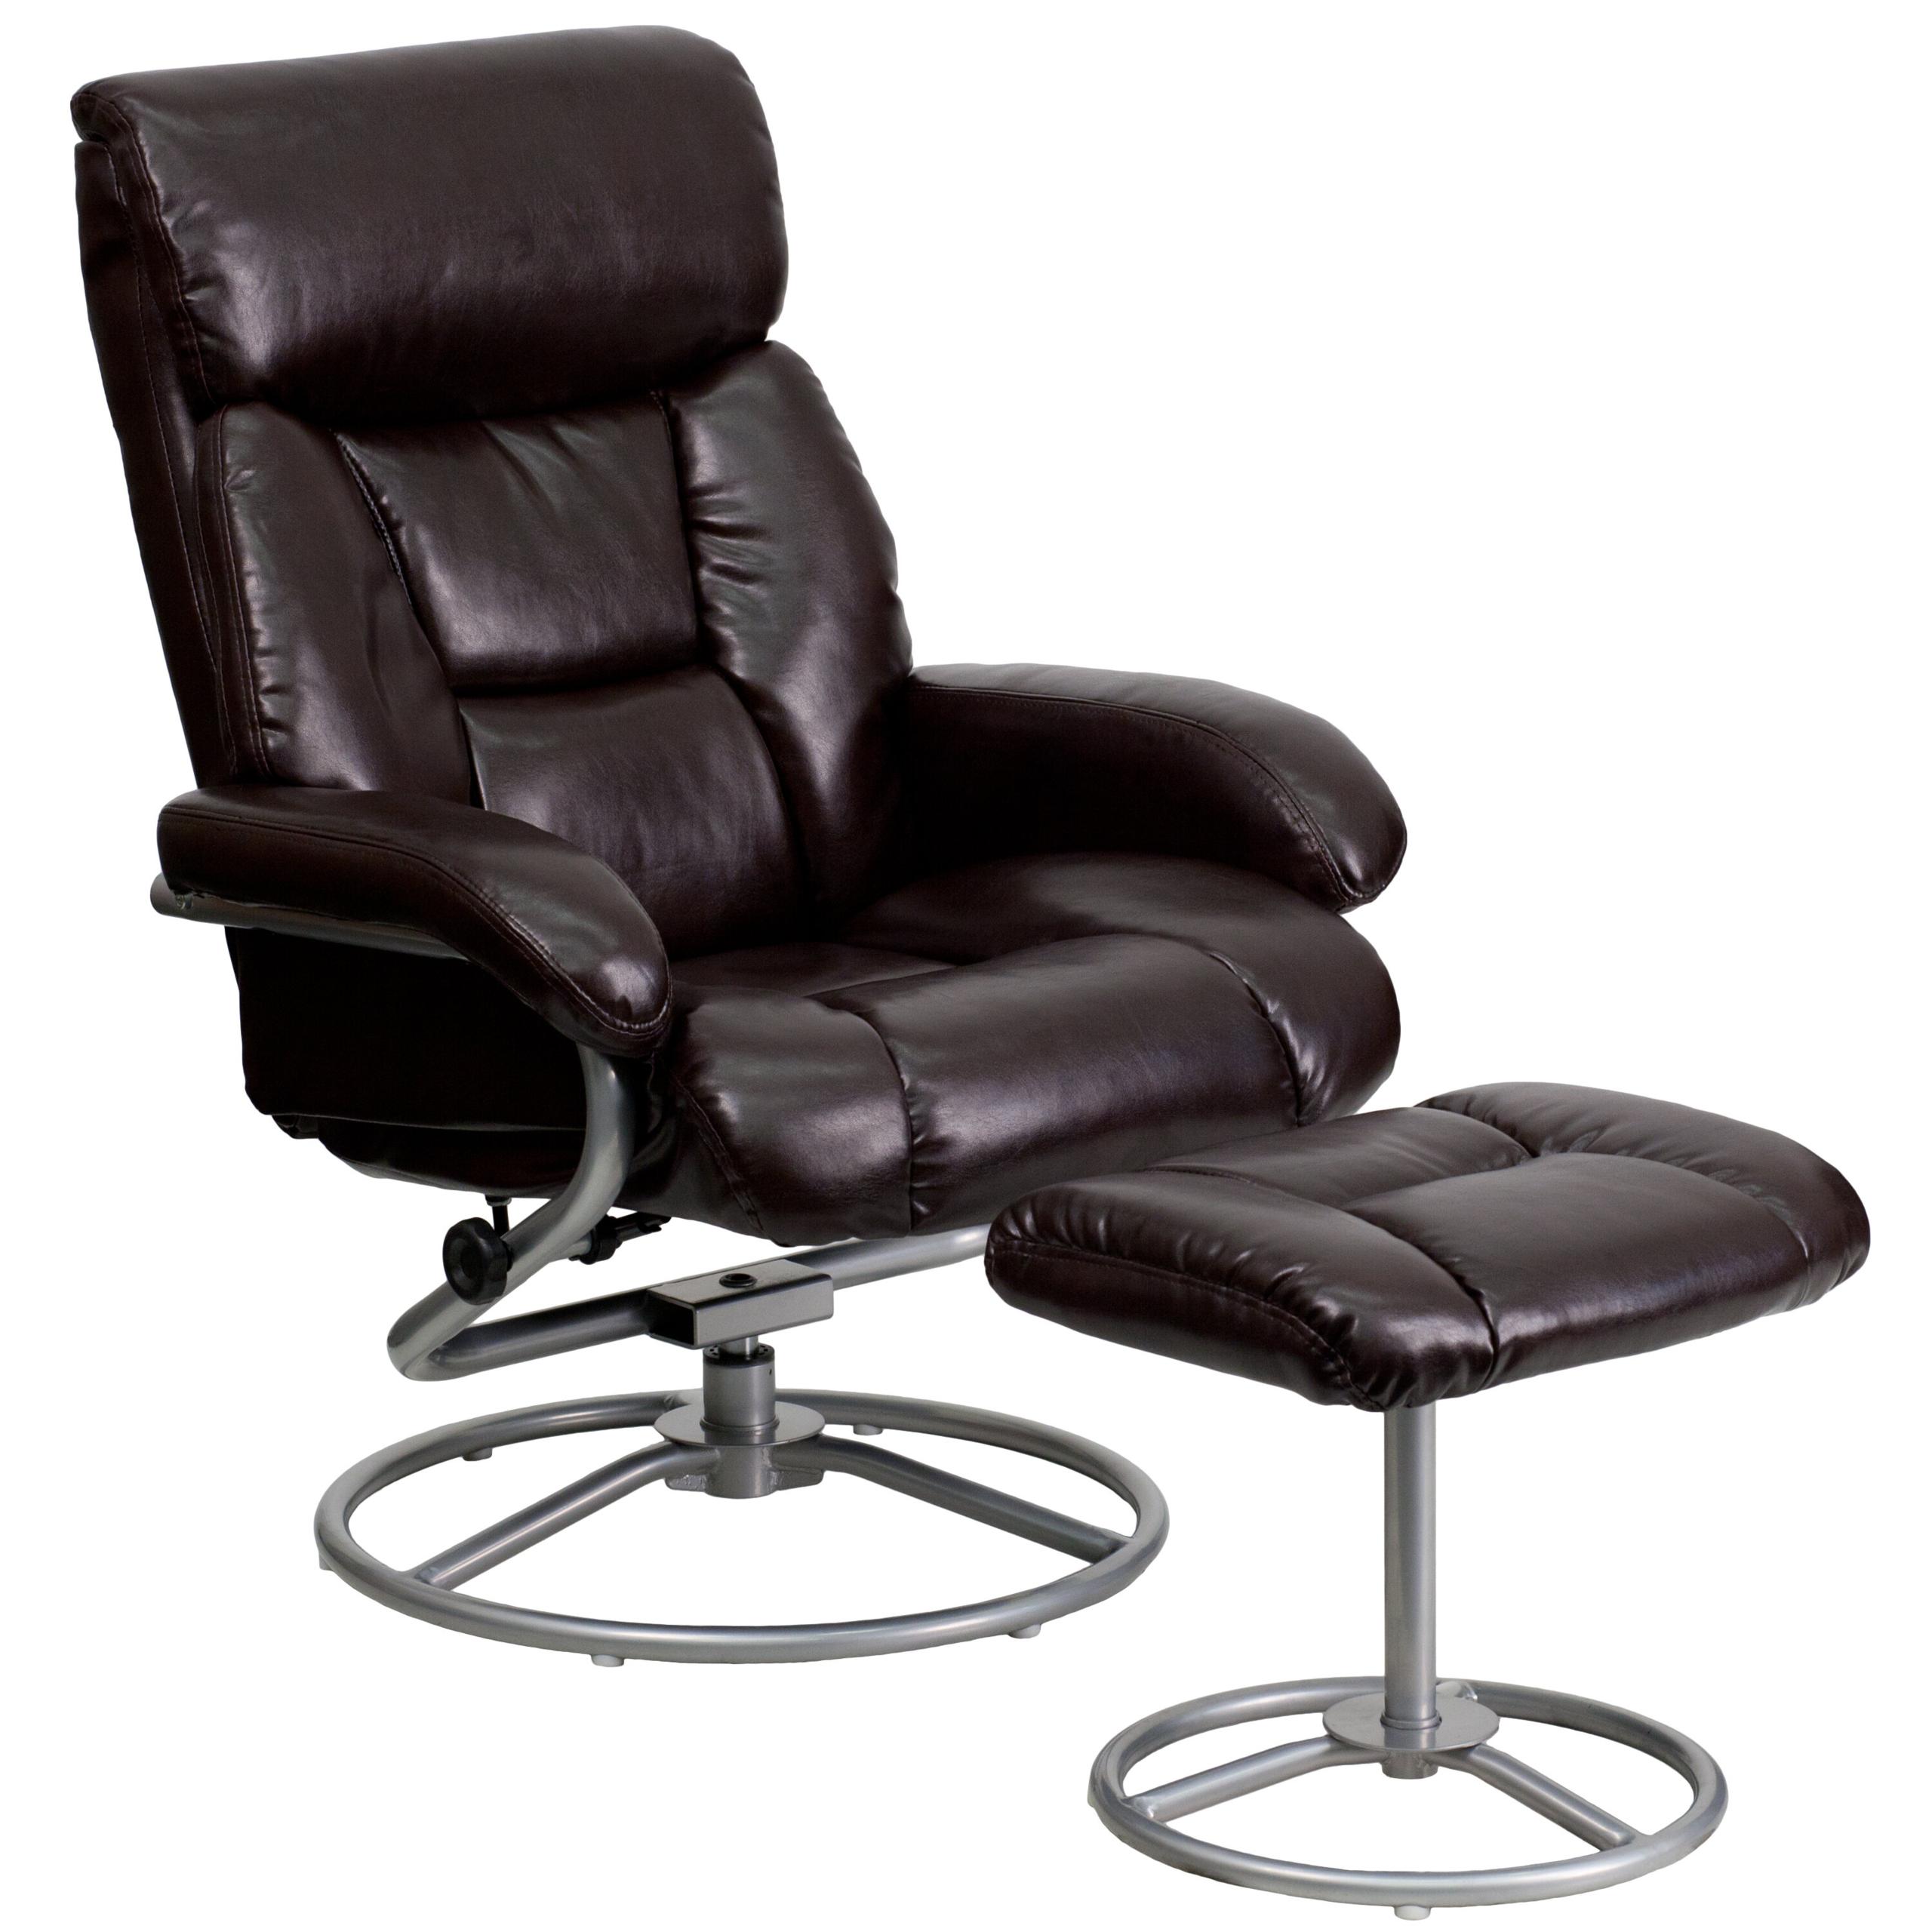 Recliner Chair Ottoman